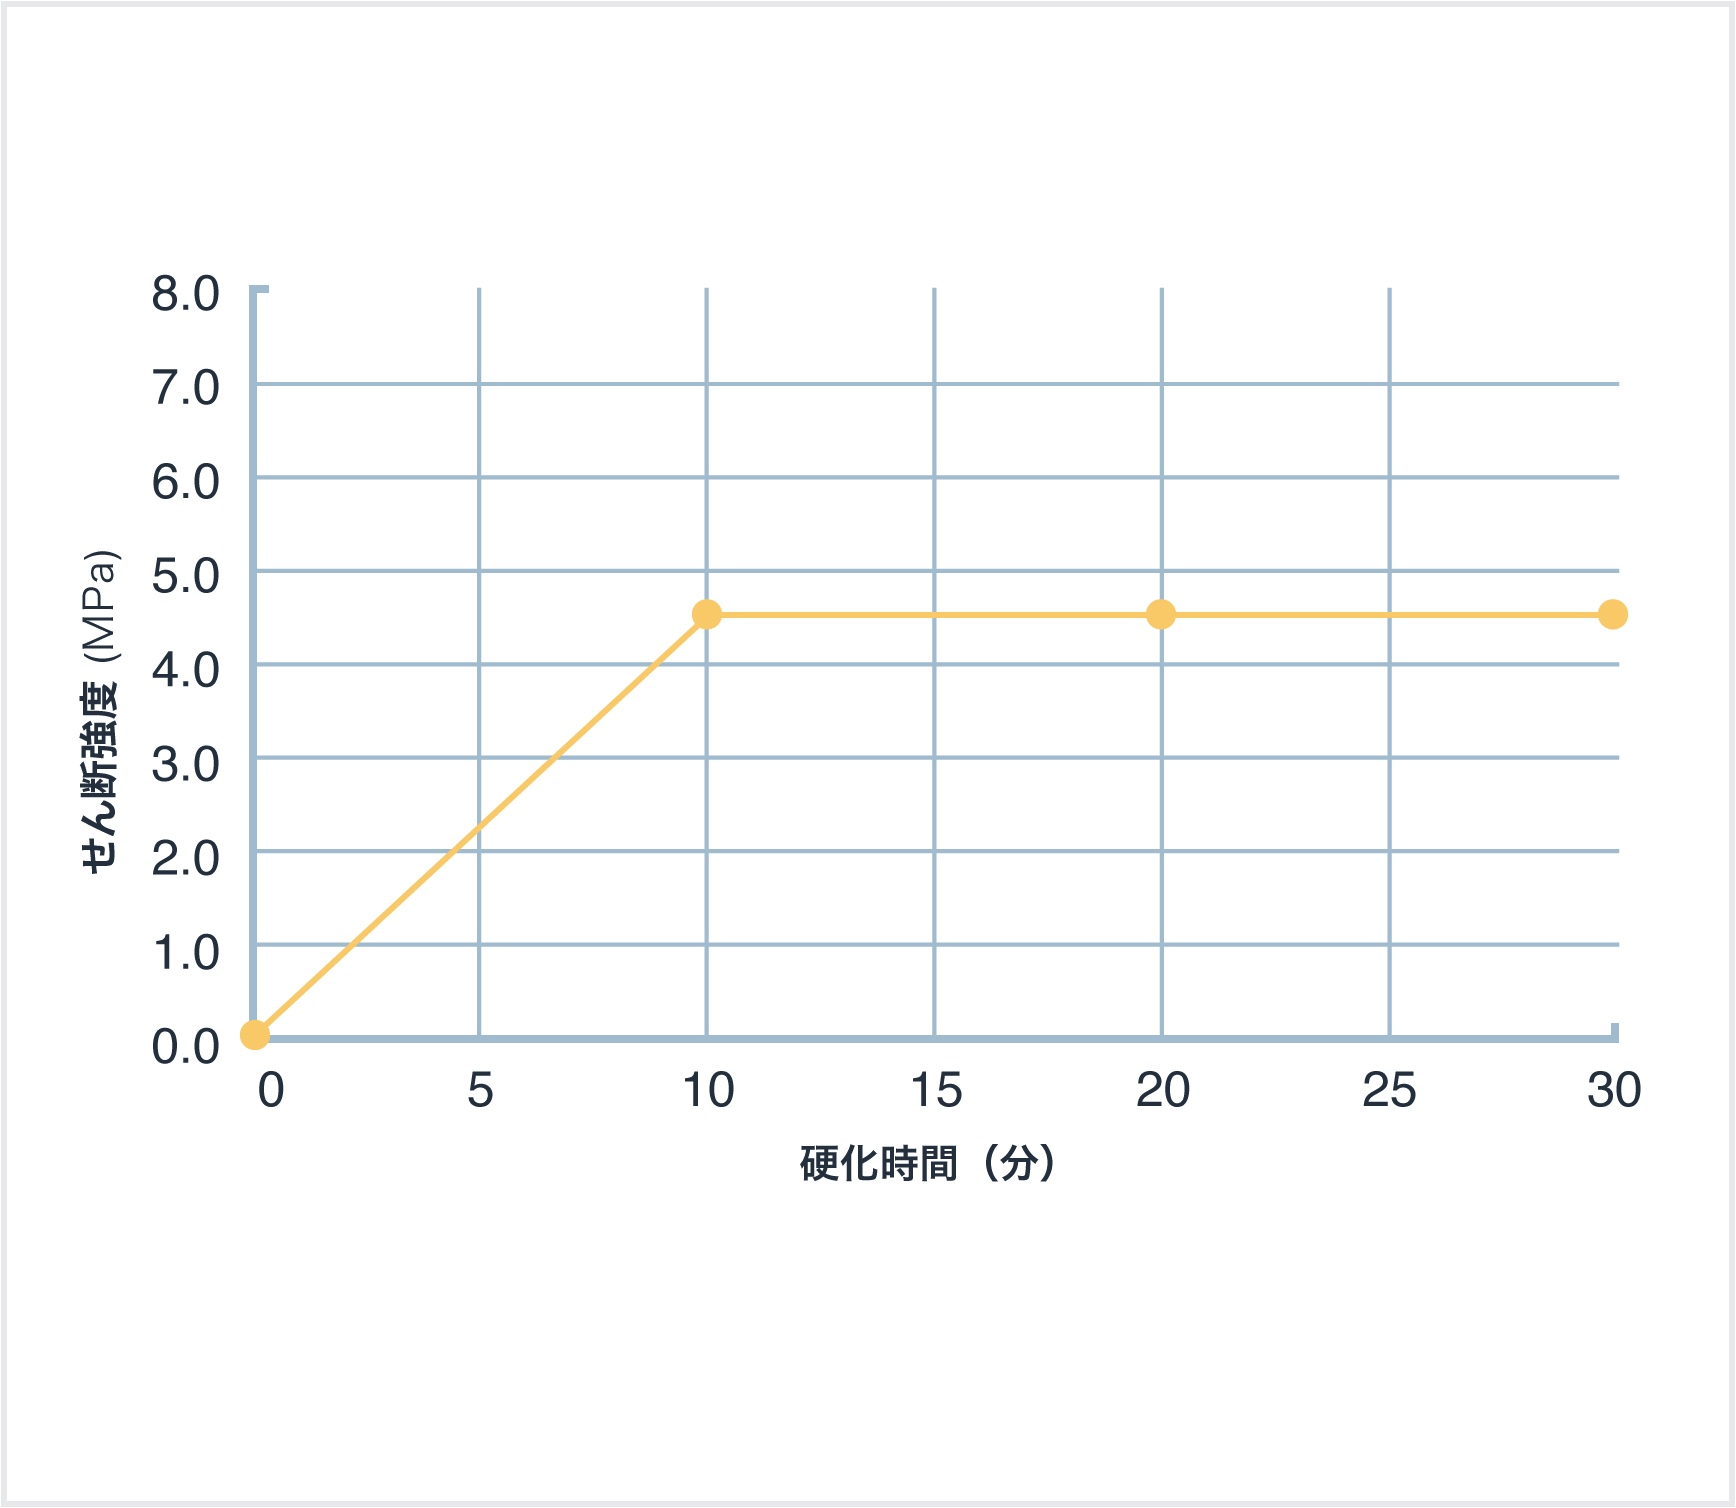 せん断硬化速度(80℃加熱)